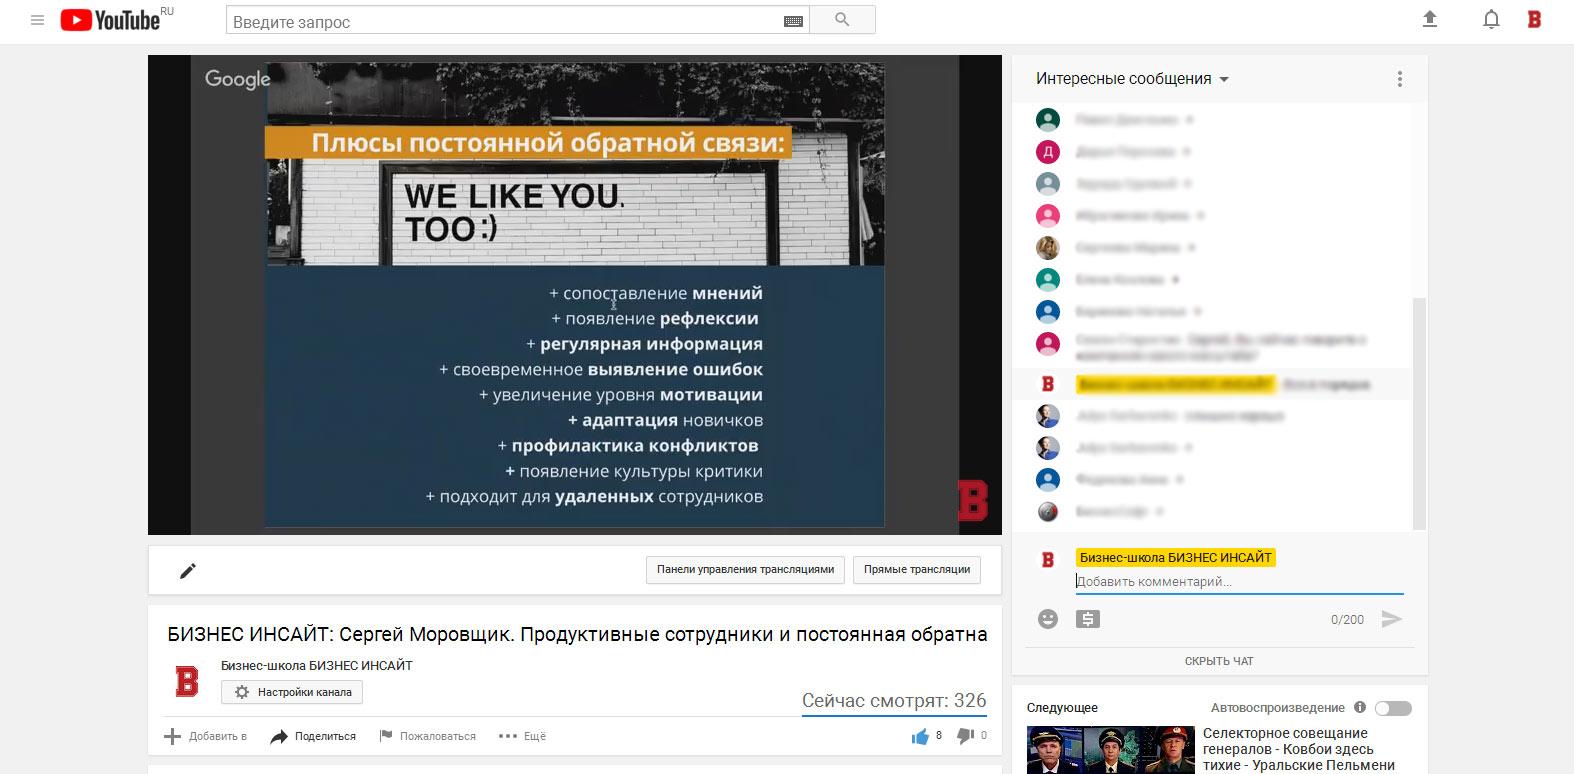 Сергей Моровщик провел открытый (бесплатный) вебинар на площадке БИЗНЕС ИНСАЙТ